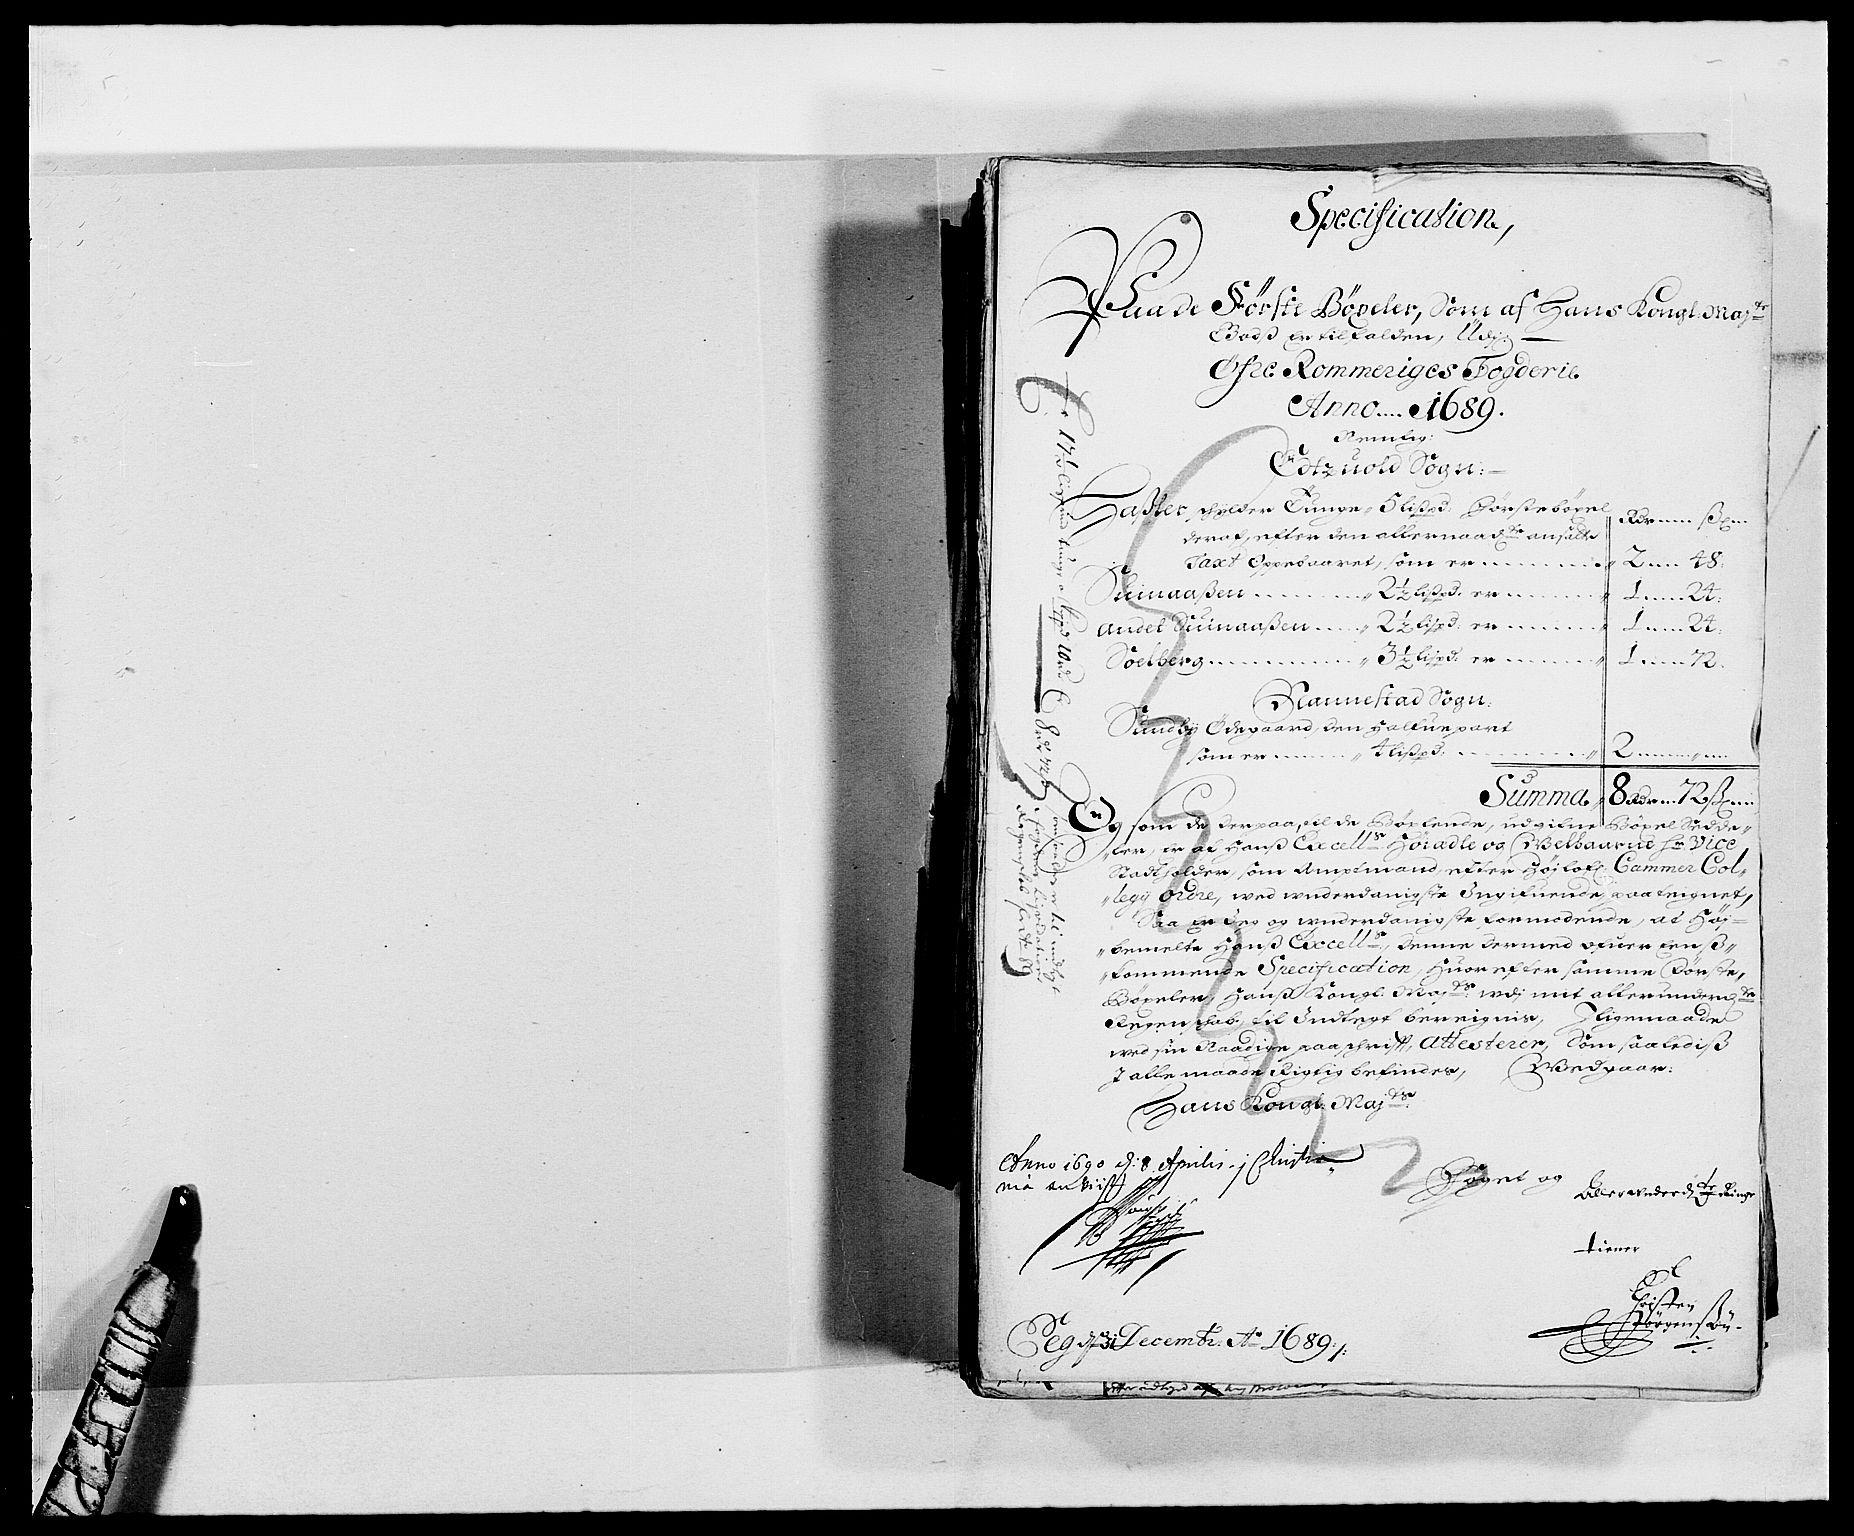 RA, Rentekammeret inntil 1814, Reviderte regnskaper, Fogderegnskap, R12/L0701: Fogderegnskap Øvre Romerike, 1689, s. 21